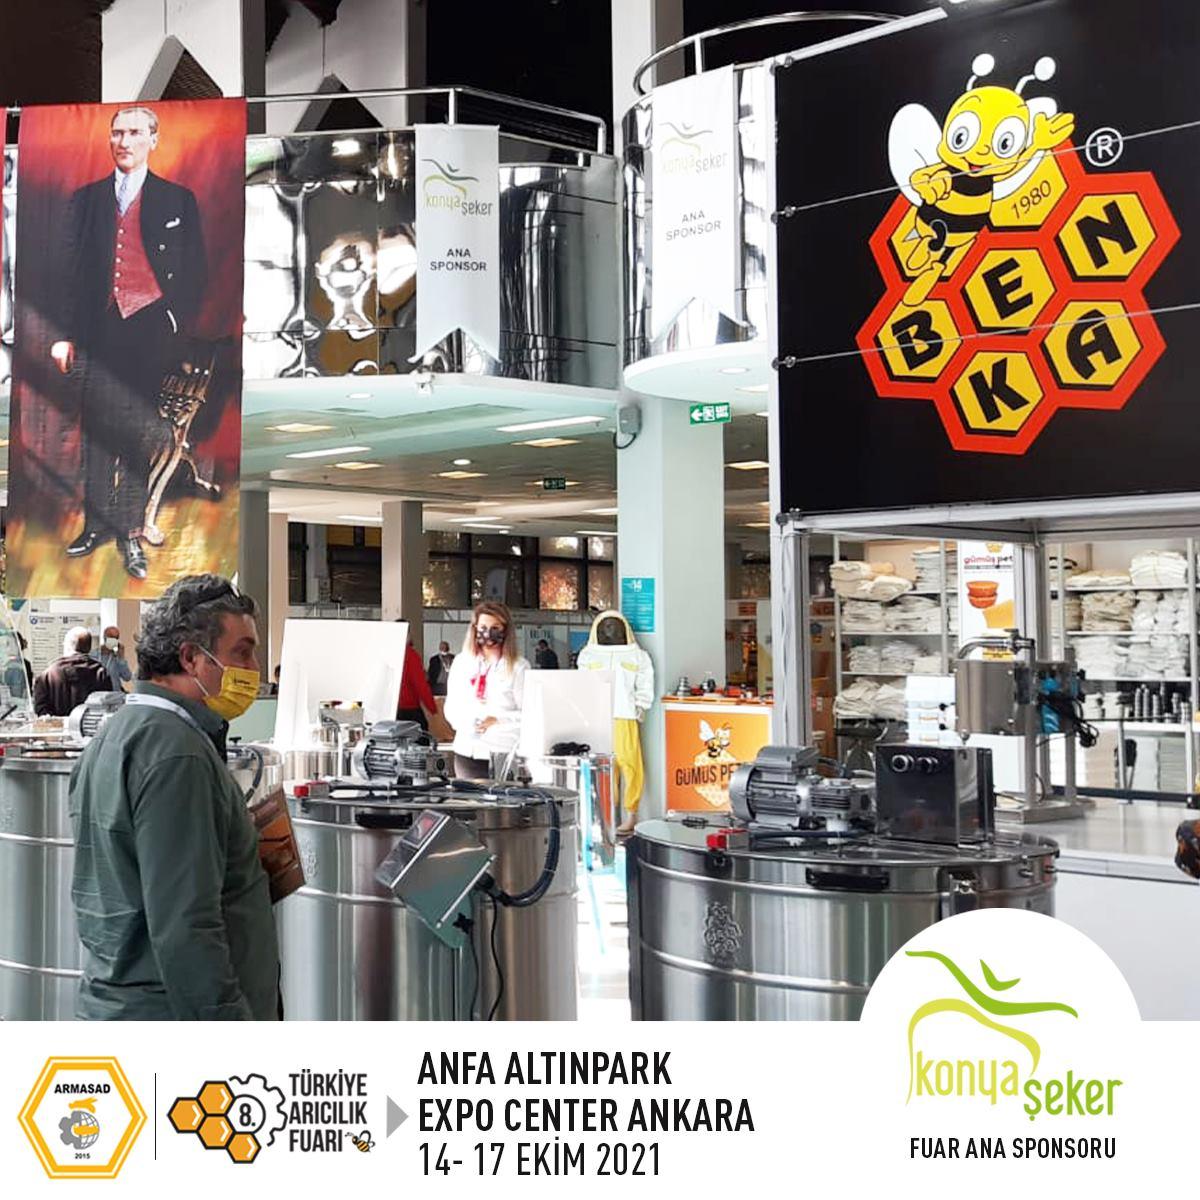 Armasad 8.Türkiye Arıcılık Fuarı 2021 ANKARA Altınpark fuar alanı, benka arıcılık